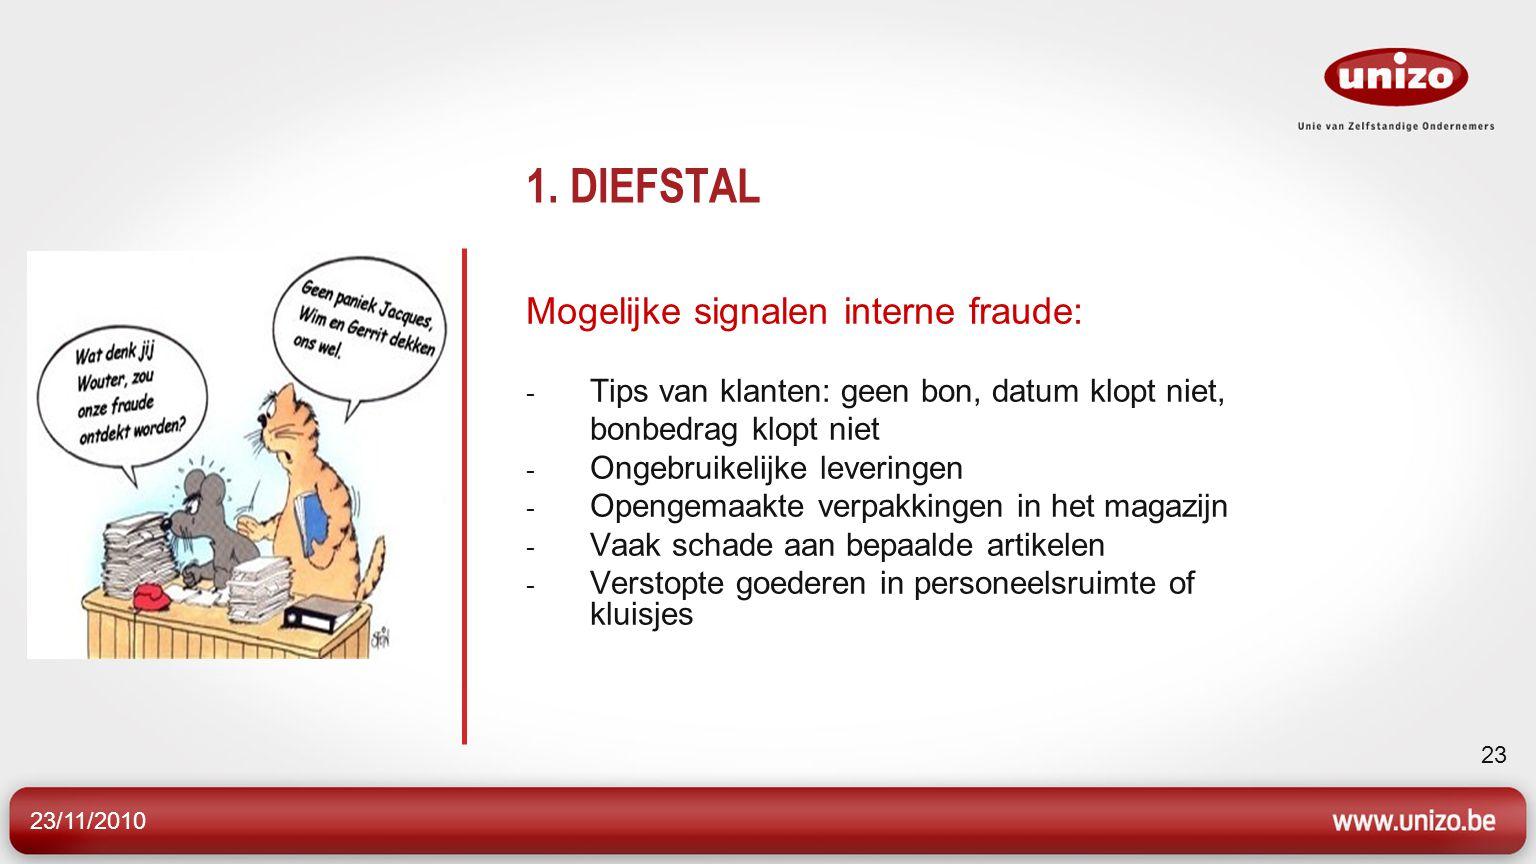 23/11/2010 23 1. DIEFSTAL Mogelijke signalen interne fraude: - Tips van klanten: geen bon, datum klopt niet, bonbedrag klopt niet - Ongebruikelijke le